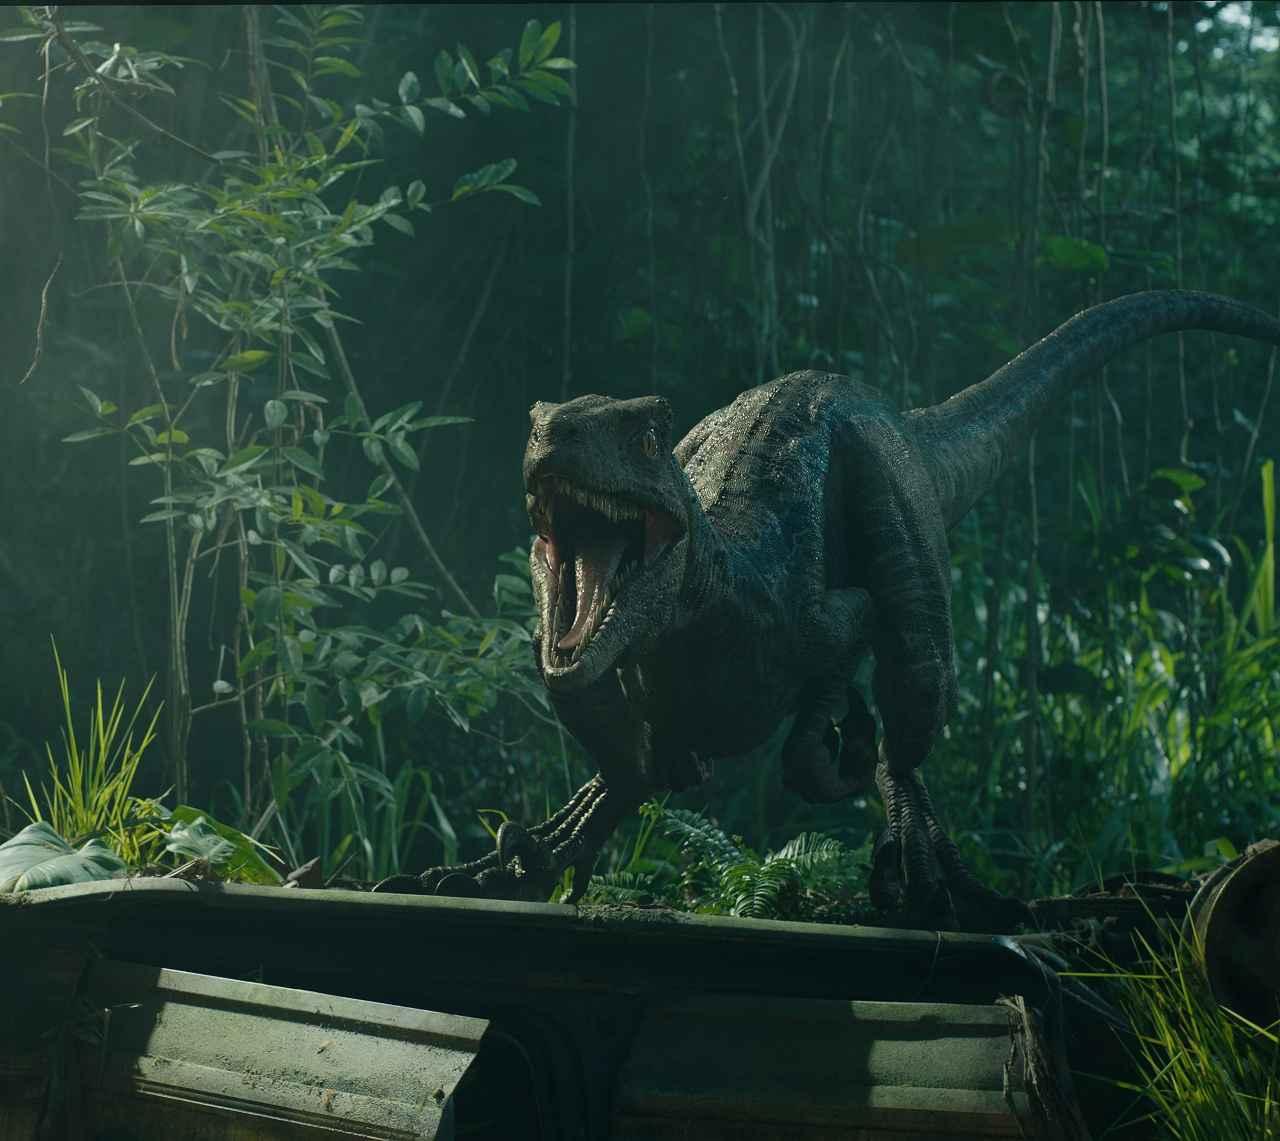 Industrial Light And Magic News: 癒され必至! 恐竜と人間の絆が垣間見える『ジュラシック・ワールド/炎の王国』本編映像解禁!